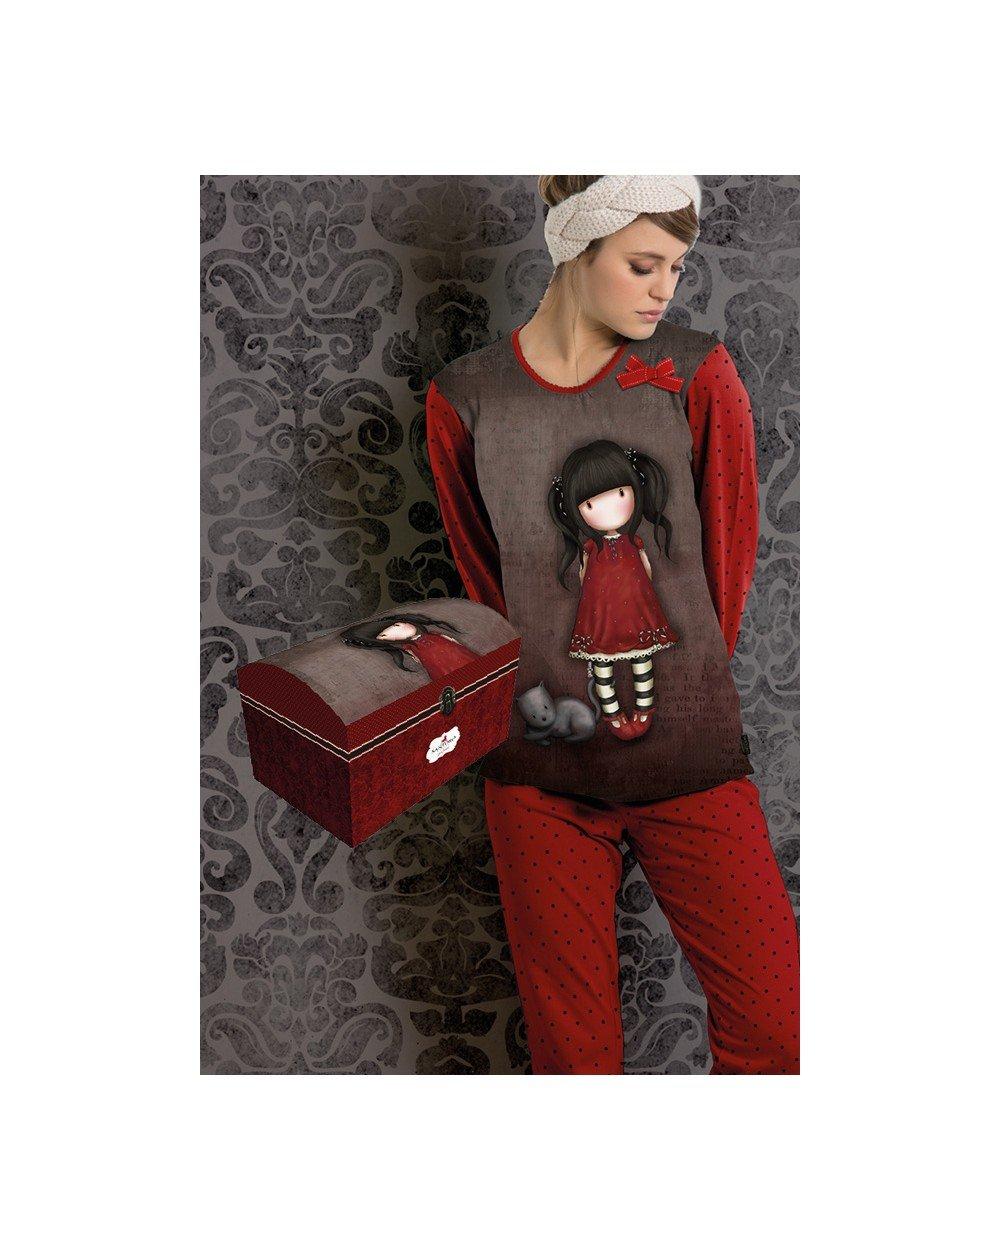 Pijama Mujer Gorjuss Invierno con Baúl - Ruby TALLA 16: Amazon.es: Juguetes y juegos